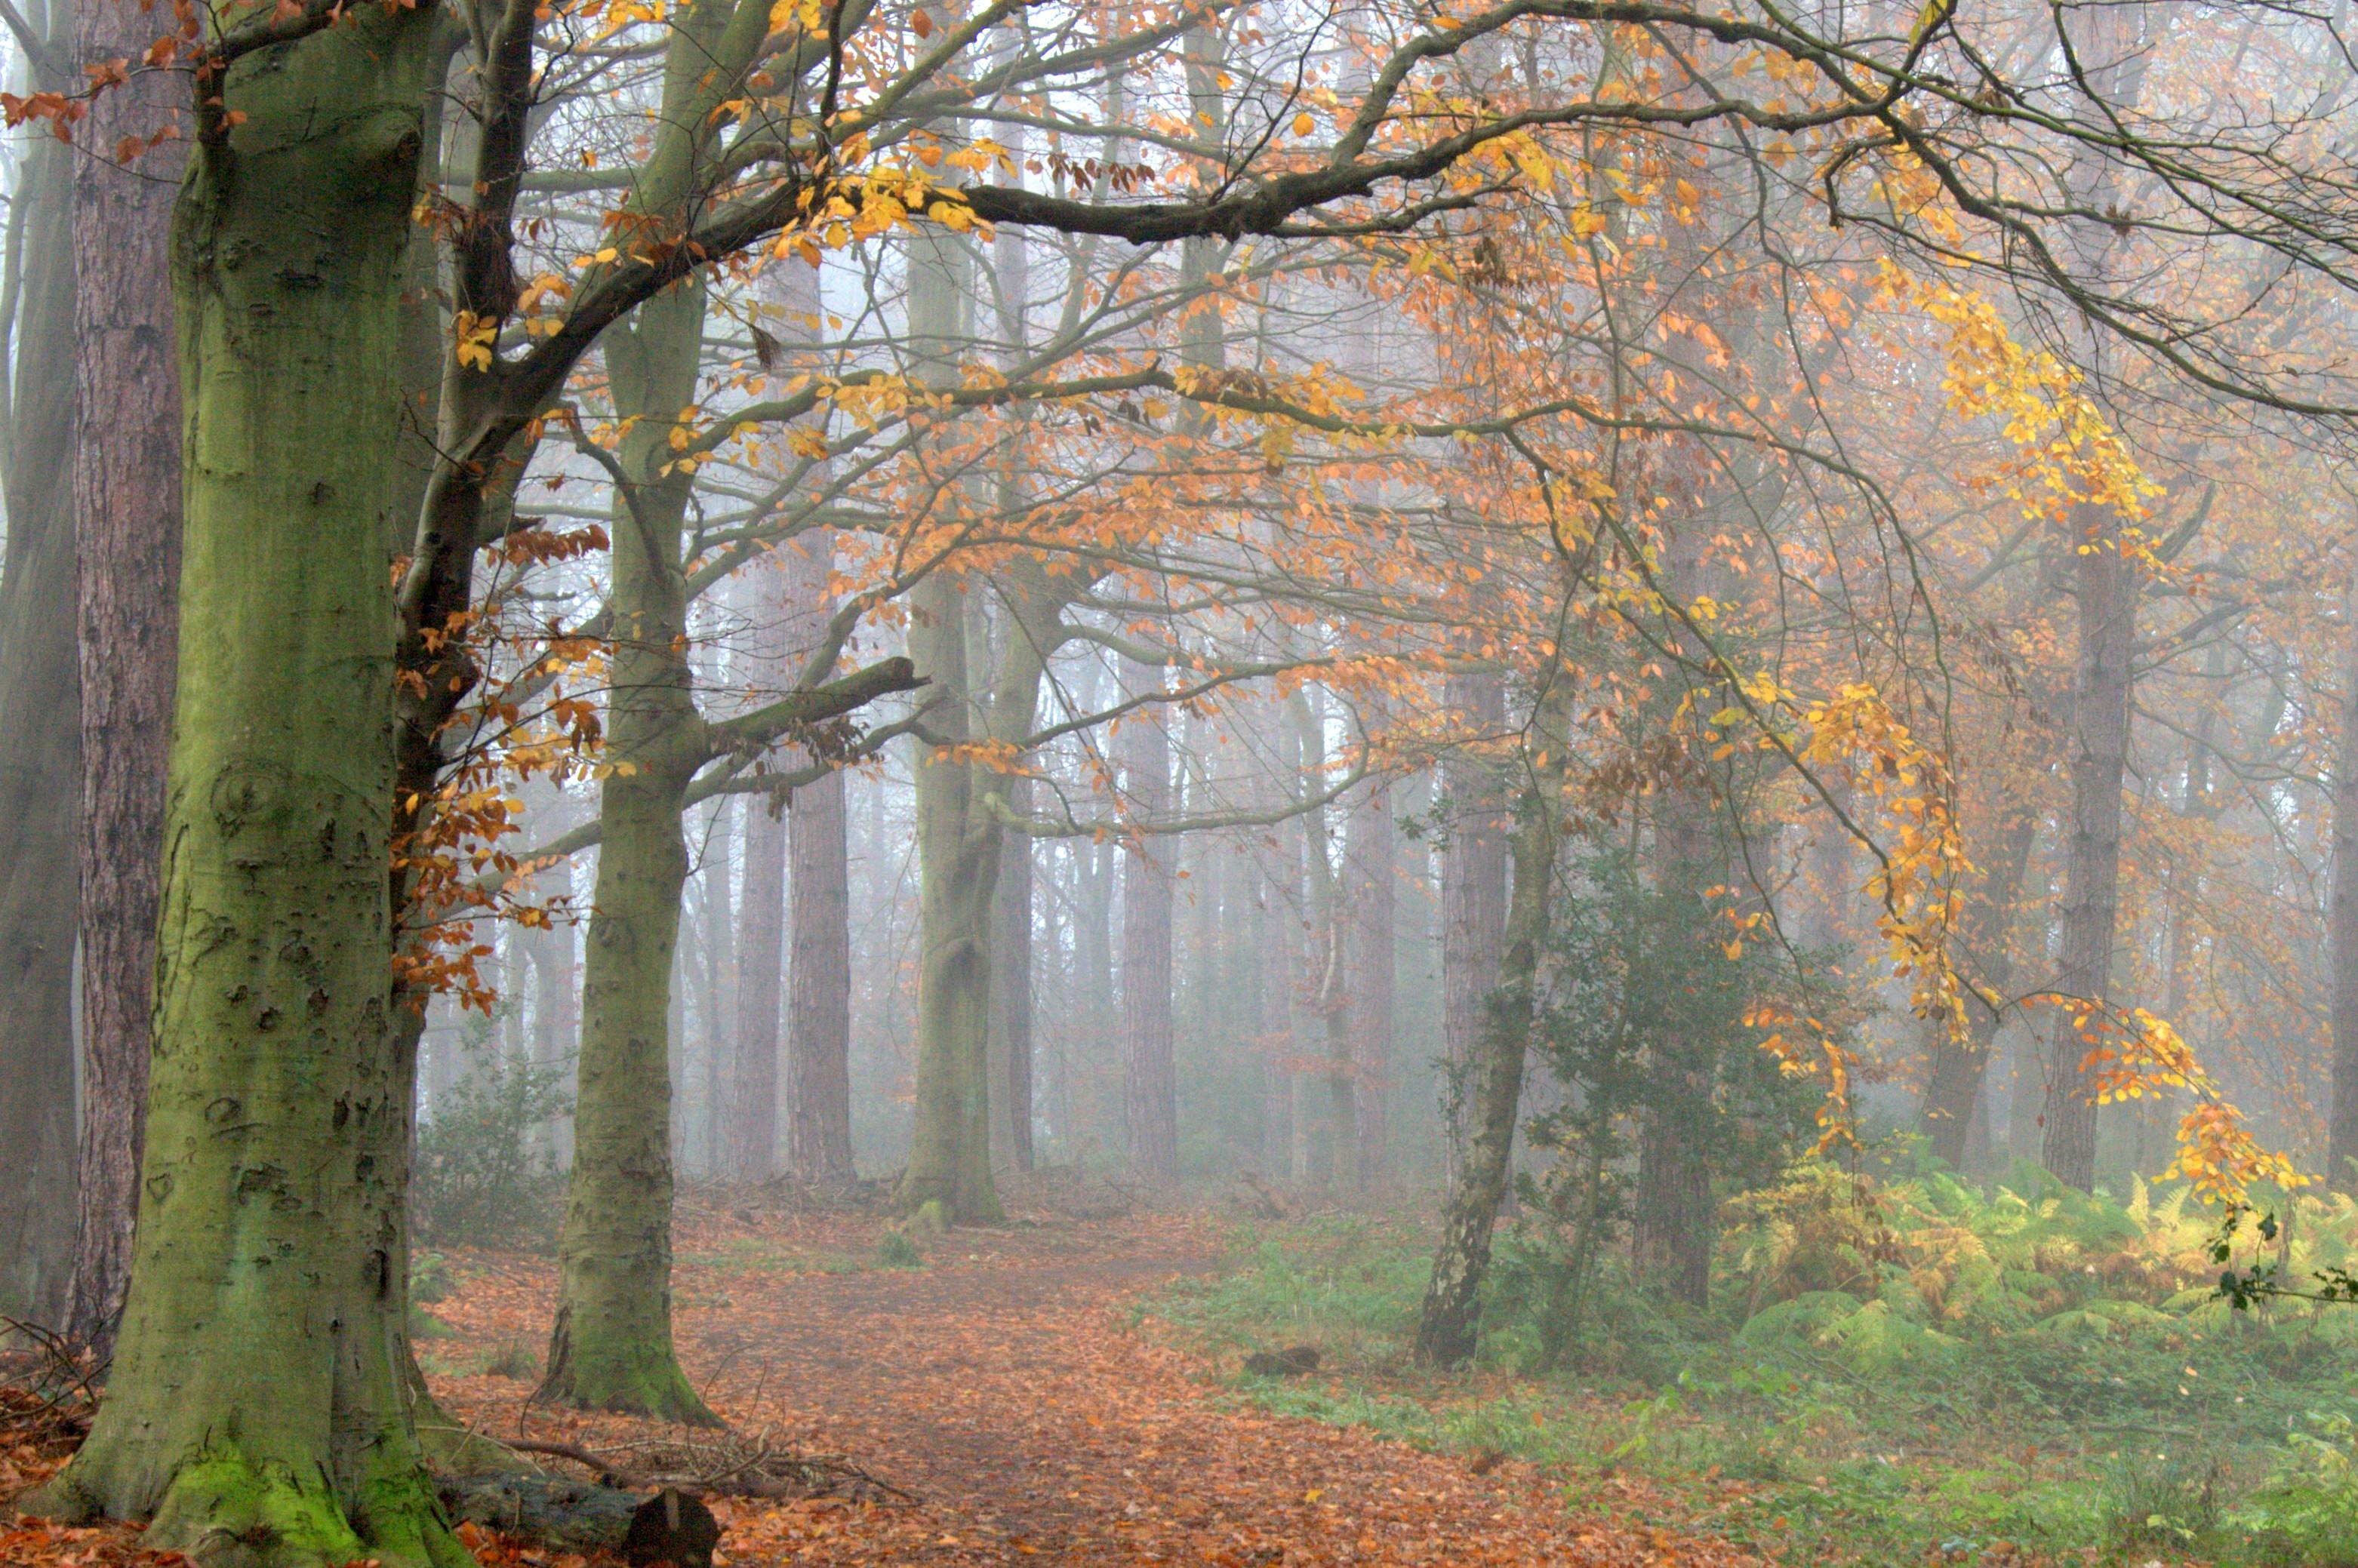 Autmn Mist in the Woods